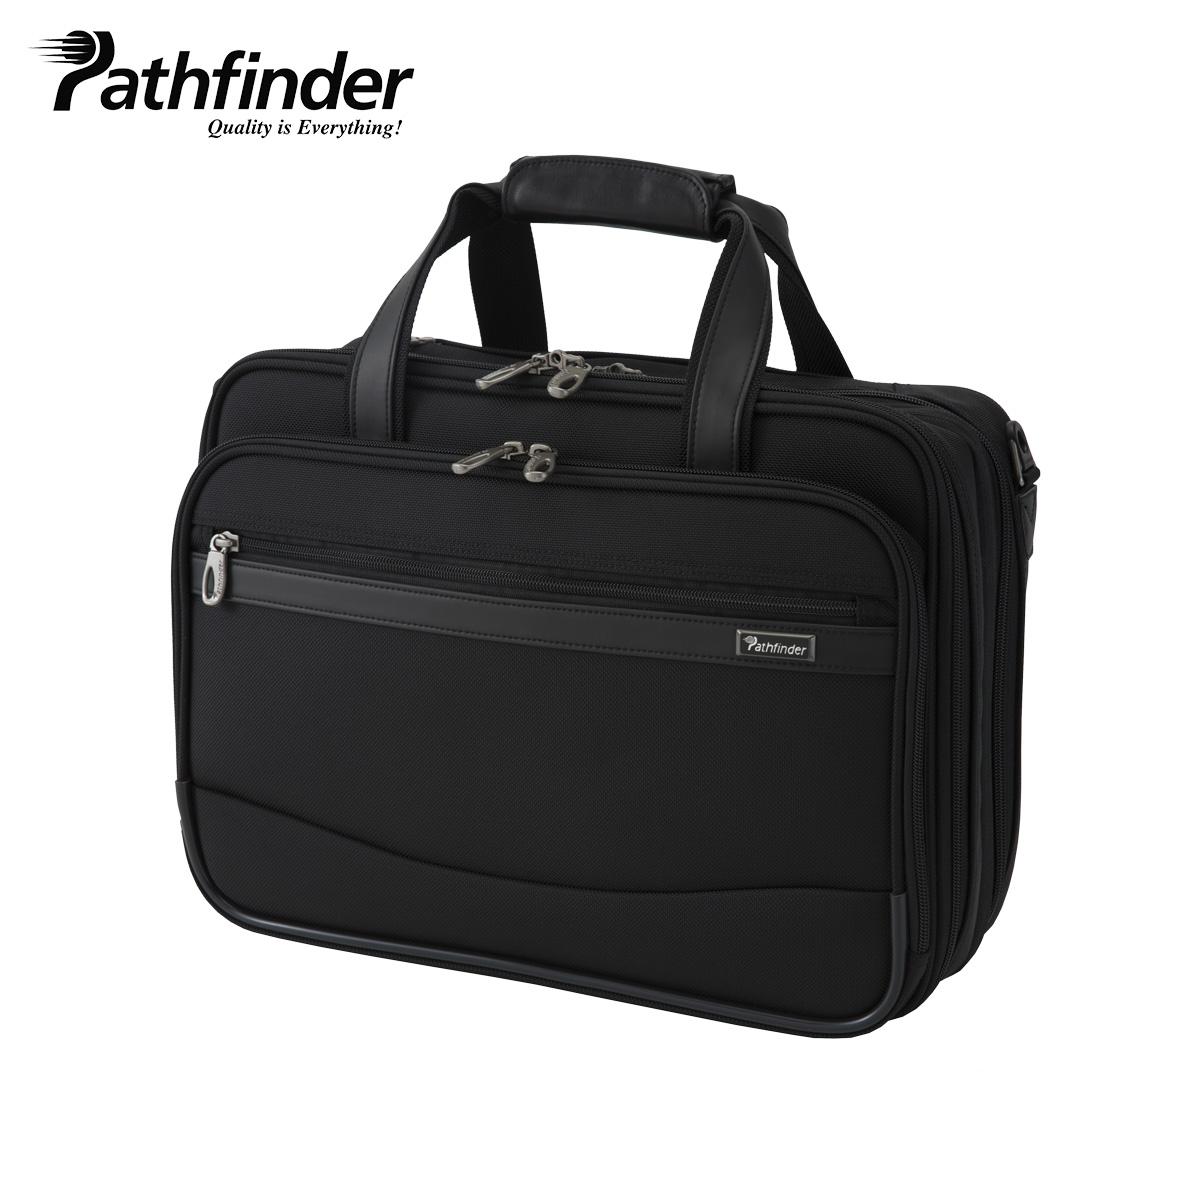 Pathfinder パスファインダー バッグ ビジネスバッグ ブリーフケース ショルダー メンズ REVOLUTION XT ブラック 黒 PF6803B